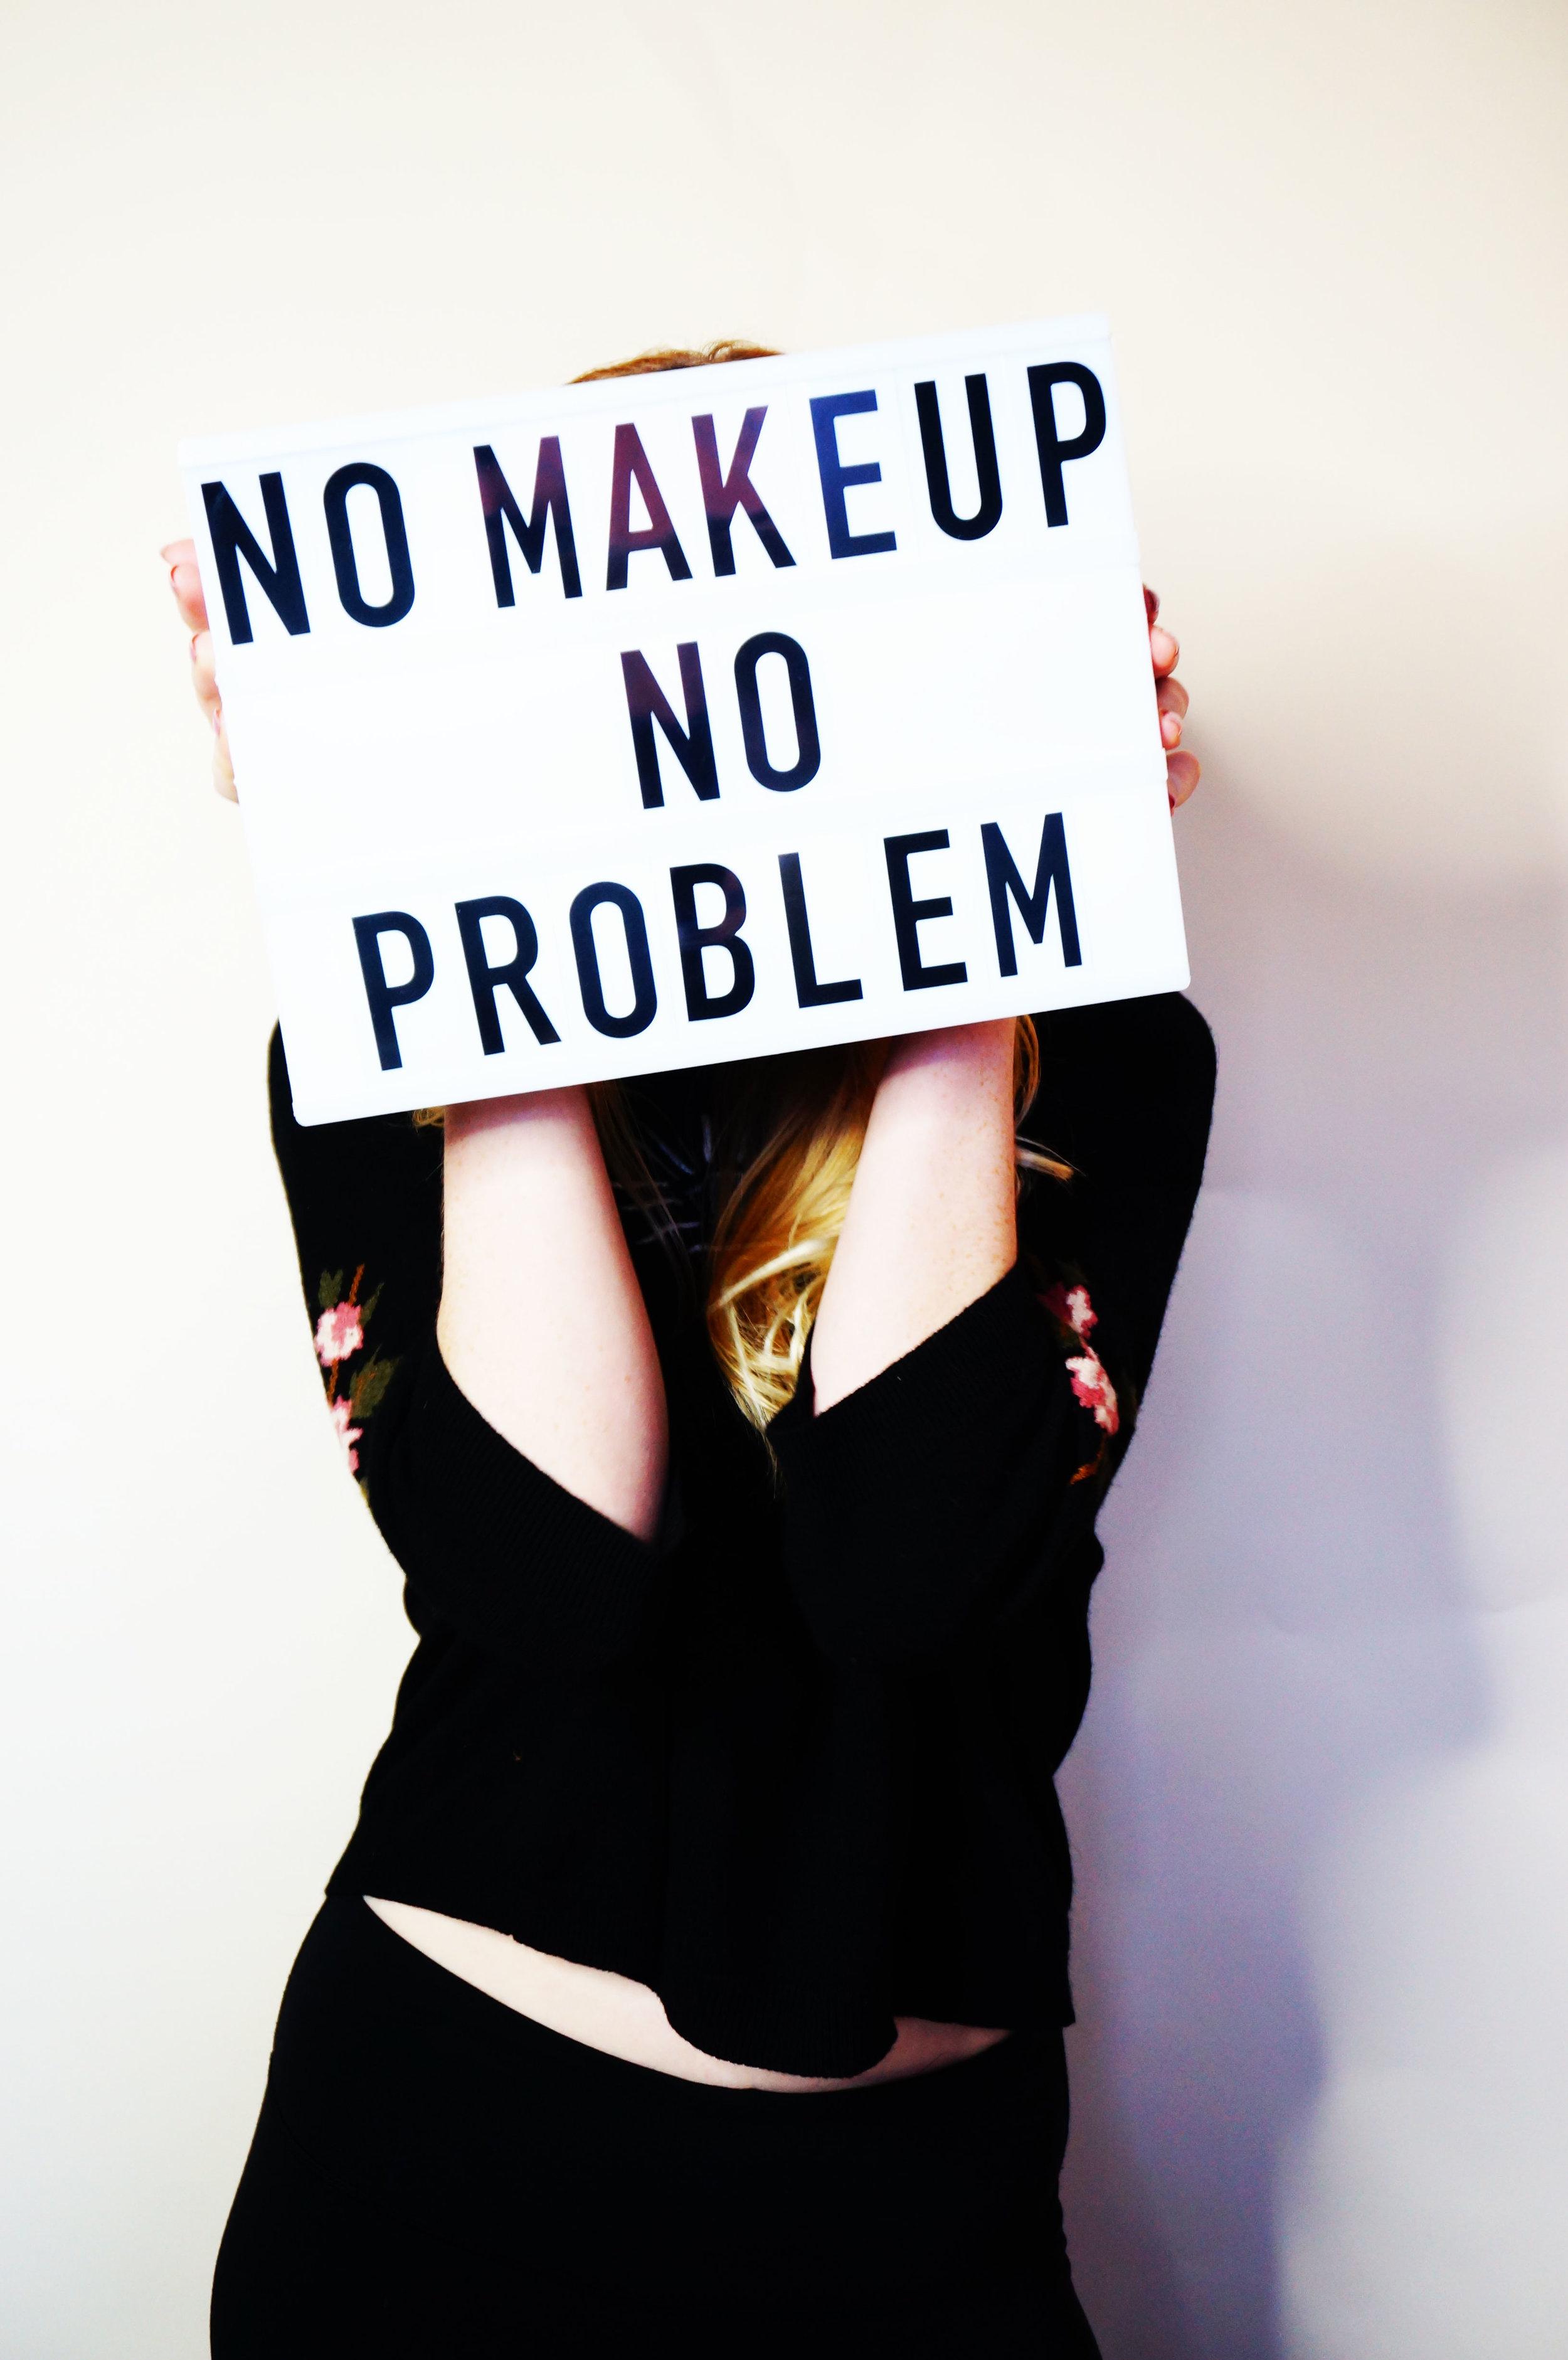 No makeup, no problem. Lash extensions